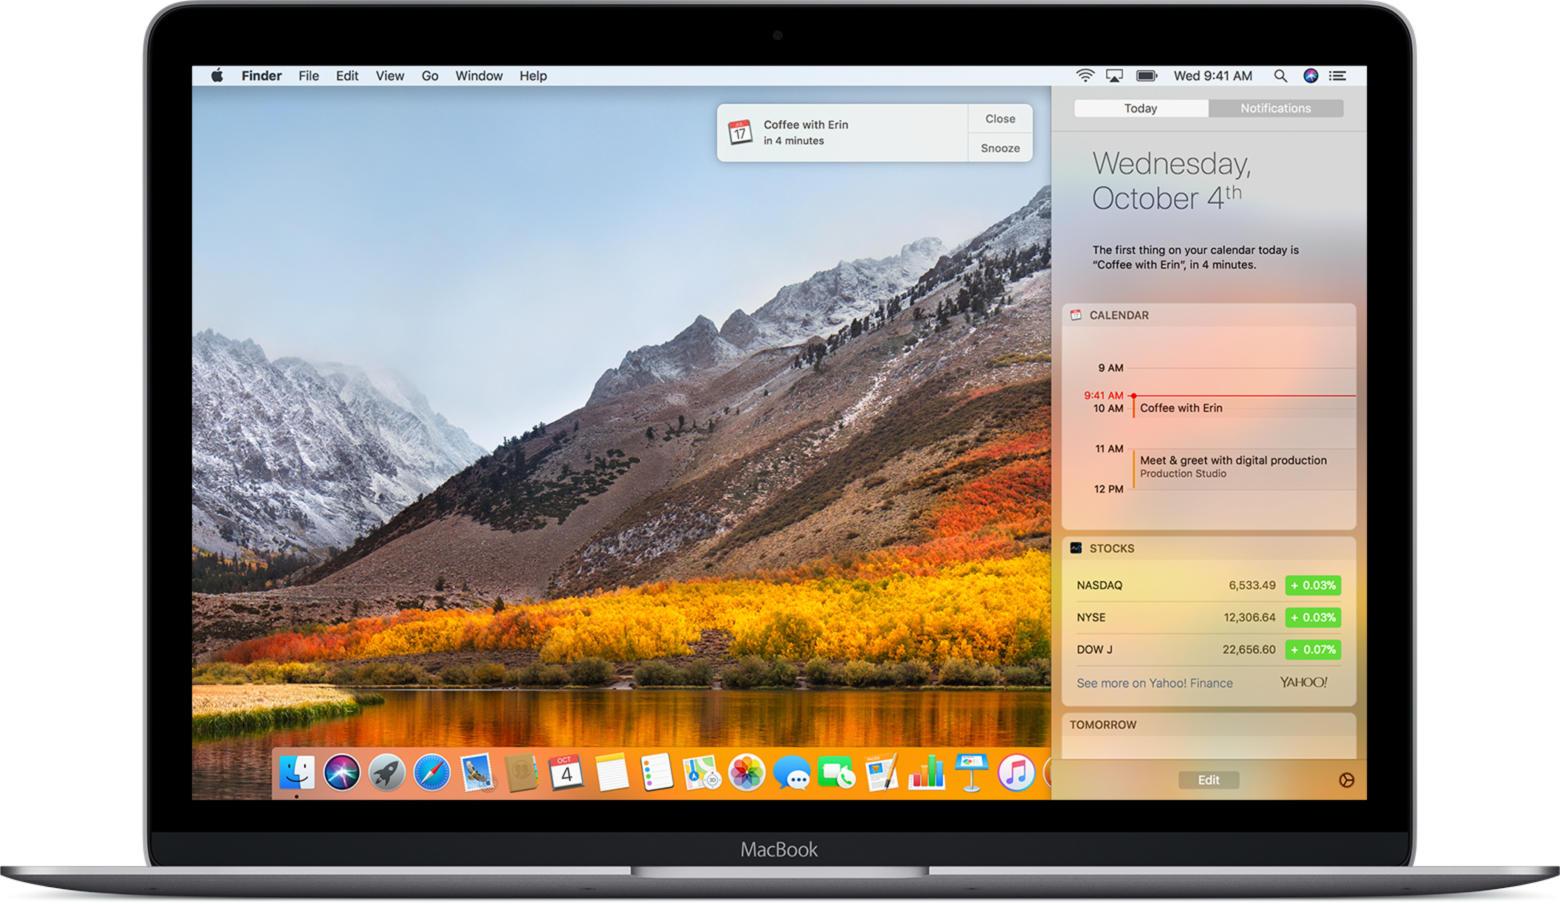 macbook macos high sierra notifications hero